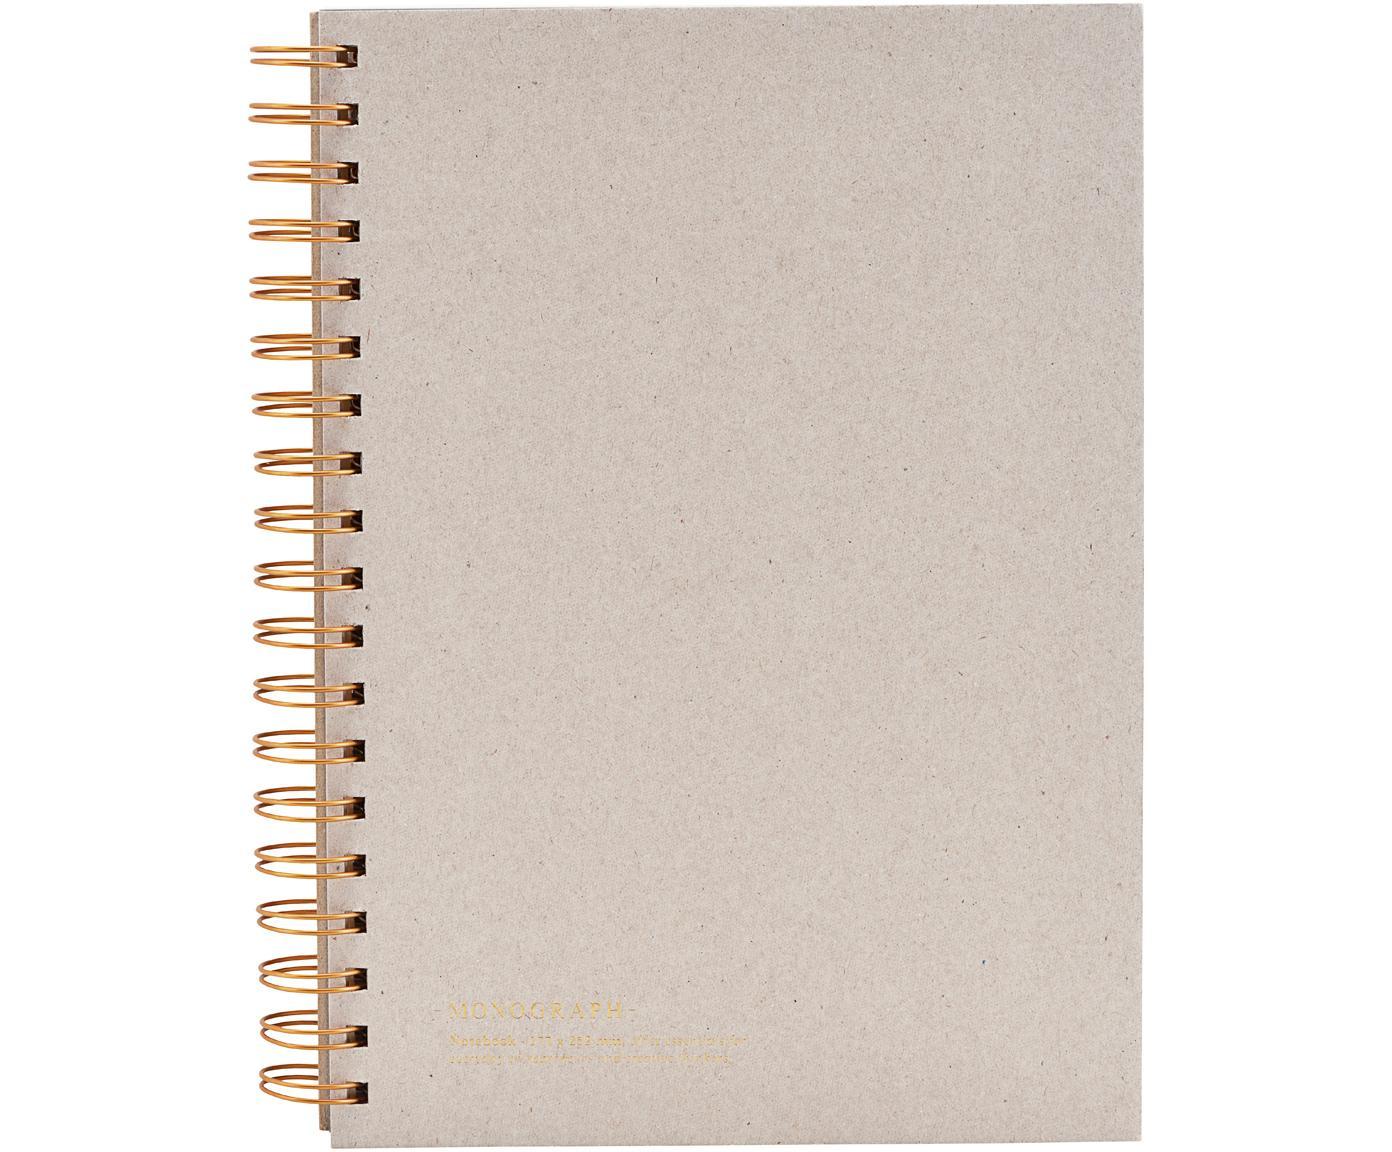 Notatnik Tab, Beżowy, odcienie miedzi, S 18 x W 25 cm